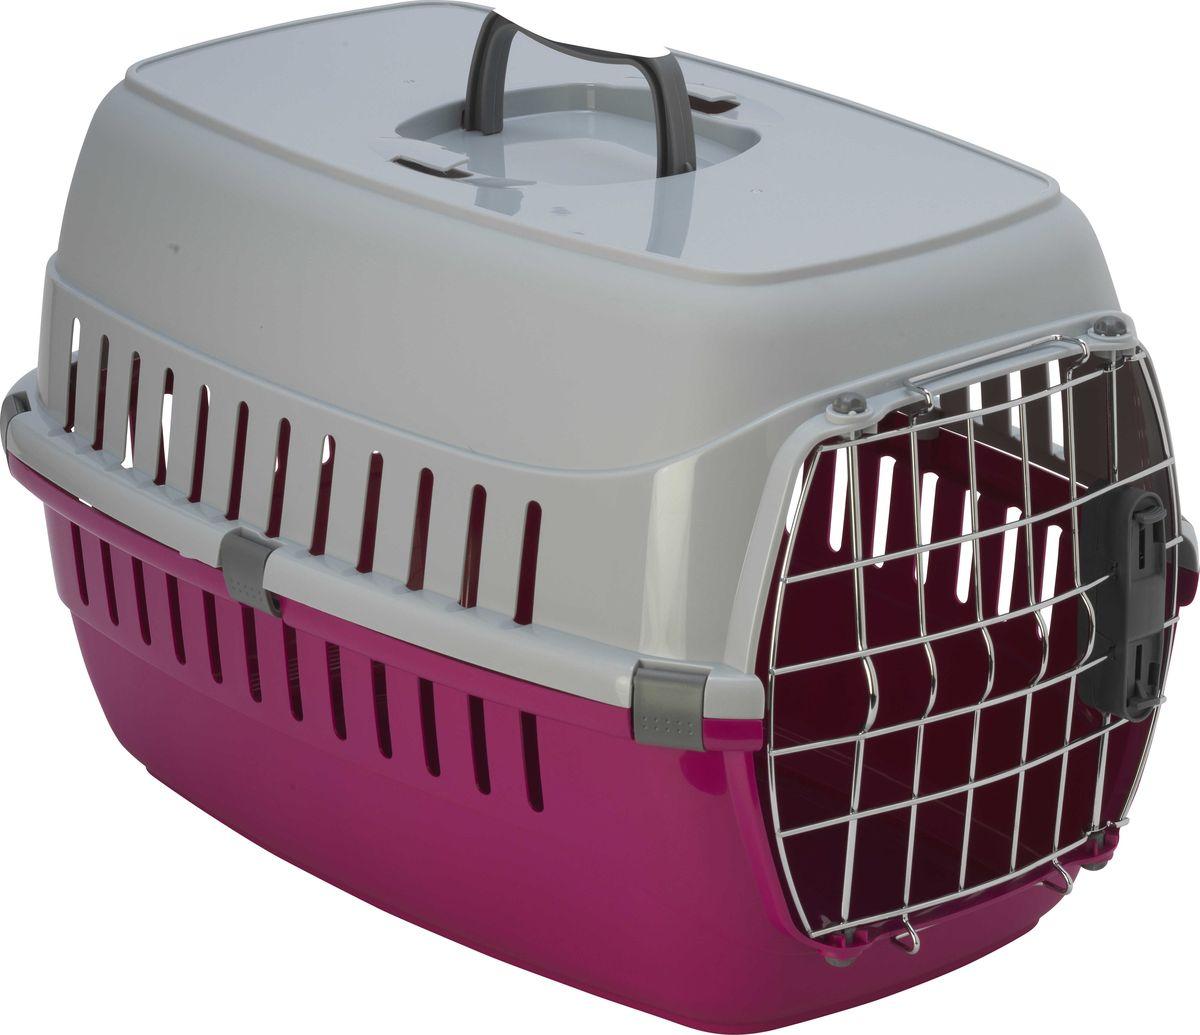 Переноска для животных Moderna Roadrunner 2, для авиаперевозок, замок IATA, цвет: ярко-розовый, 58 x 35 x 37 см миска для животных moderna trendy dinner люксори пет 27 x 16 5 x 6 см